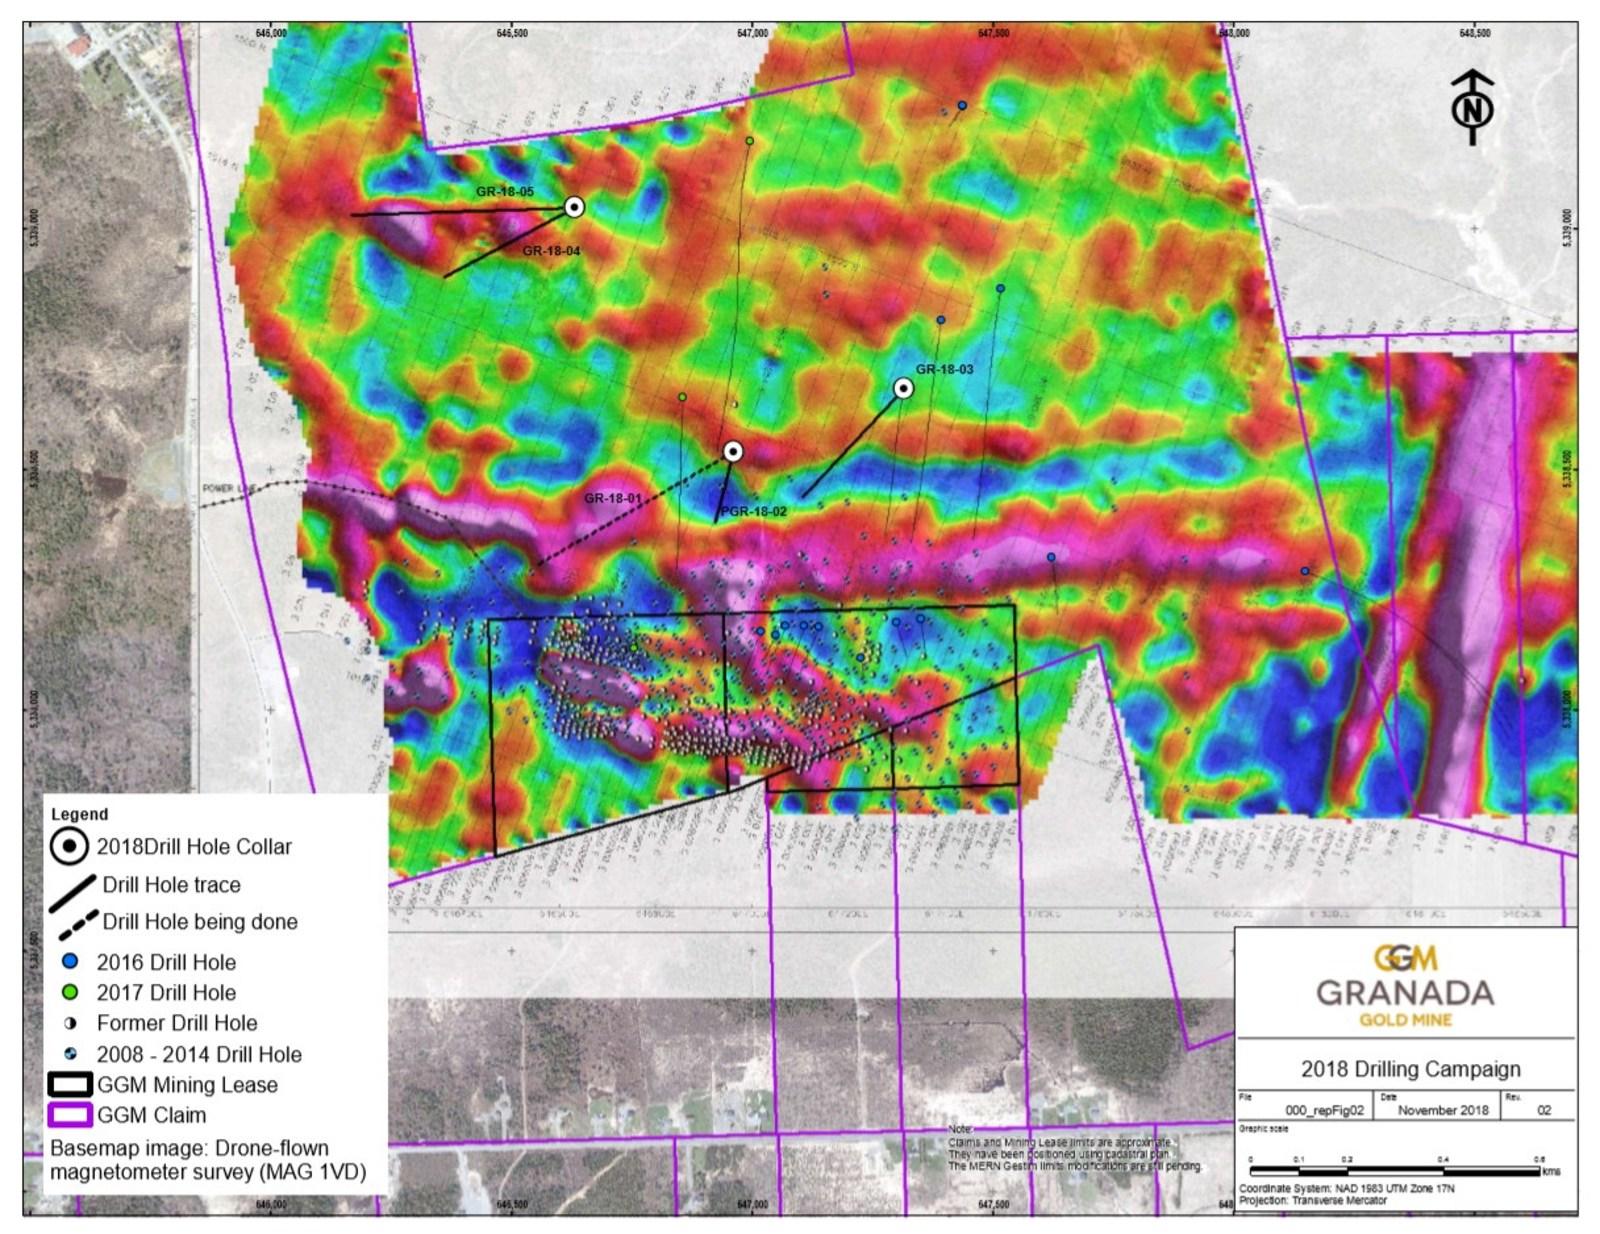 Granada Gold 2018 Drilling Campaign